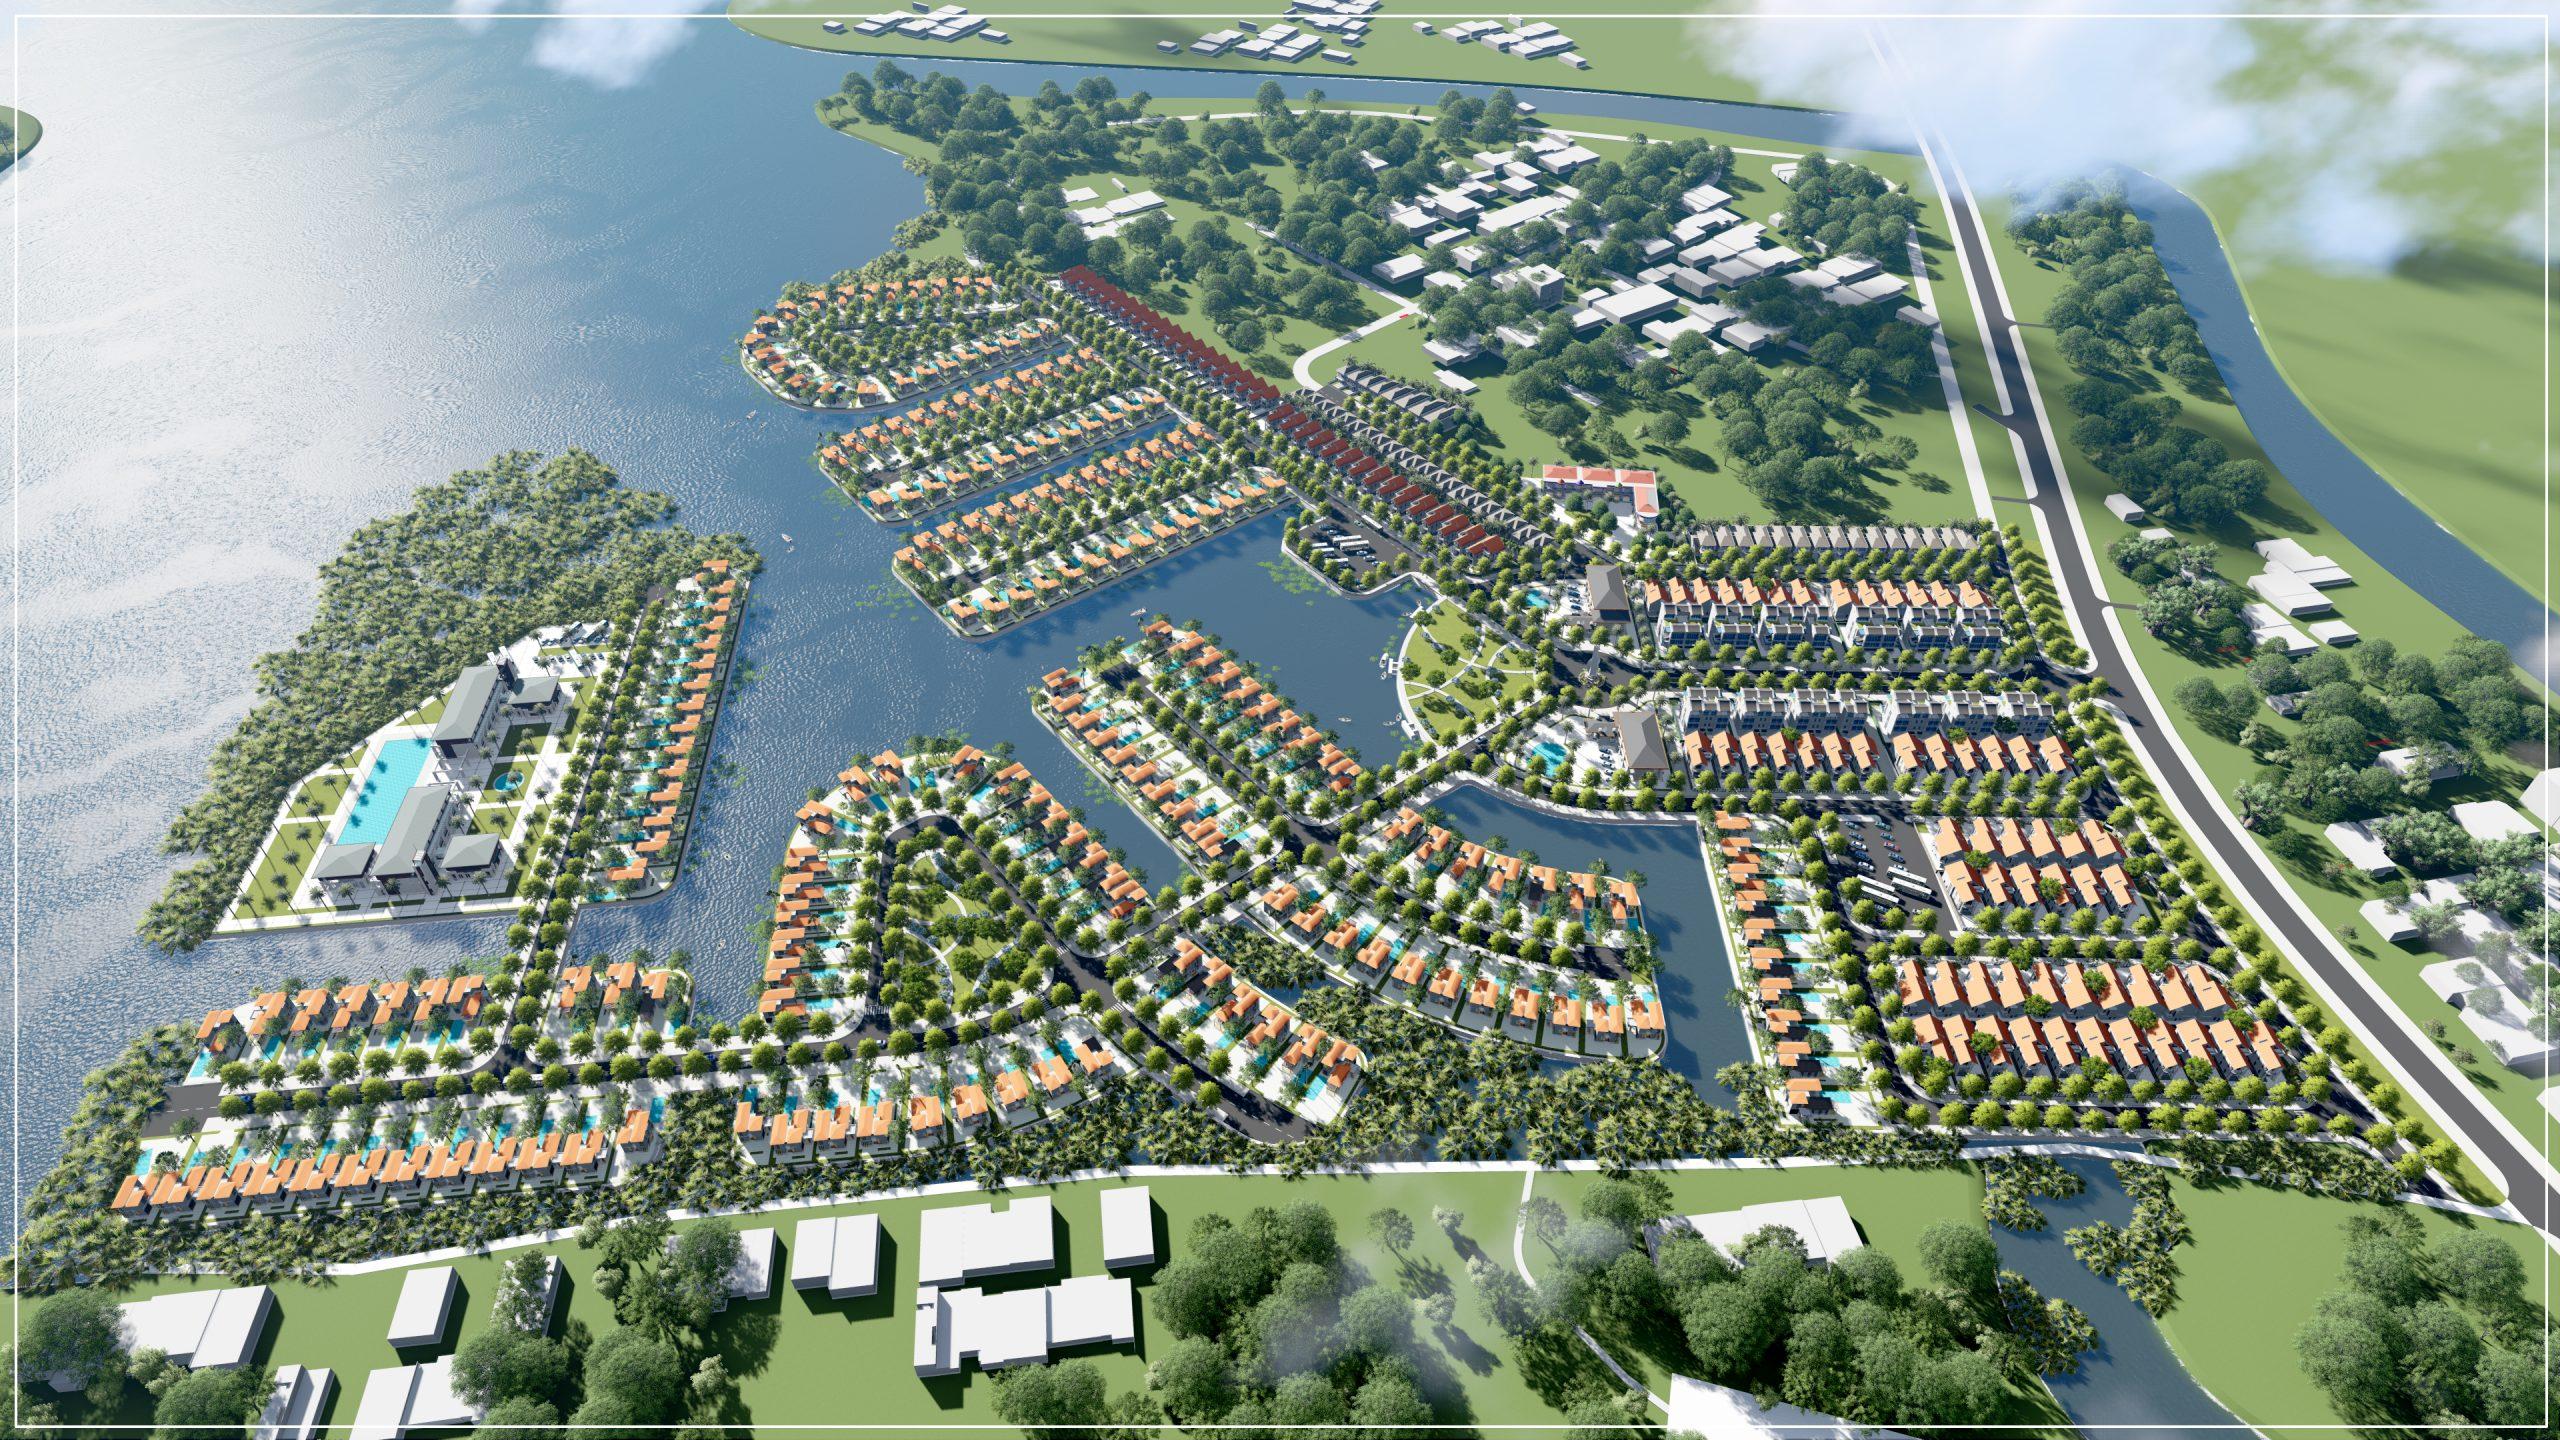 Quảng Nam rút tờ trình chuyển đổi hơn 1 ha rừng làm Khu đô thị Cồn Tiến của Đạt Phương - Ảnh 1.